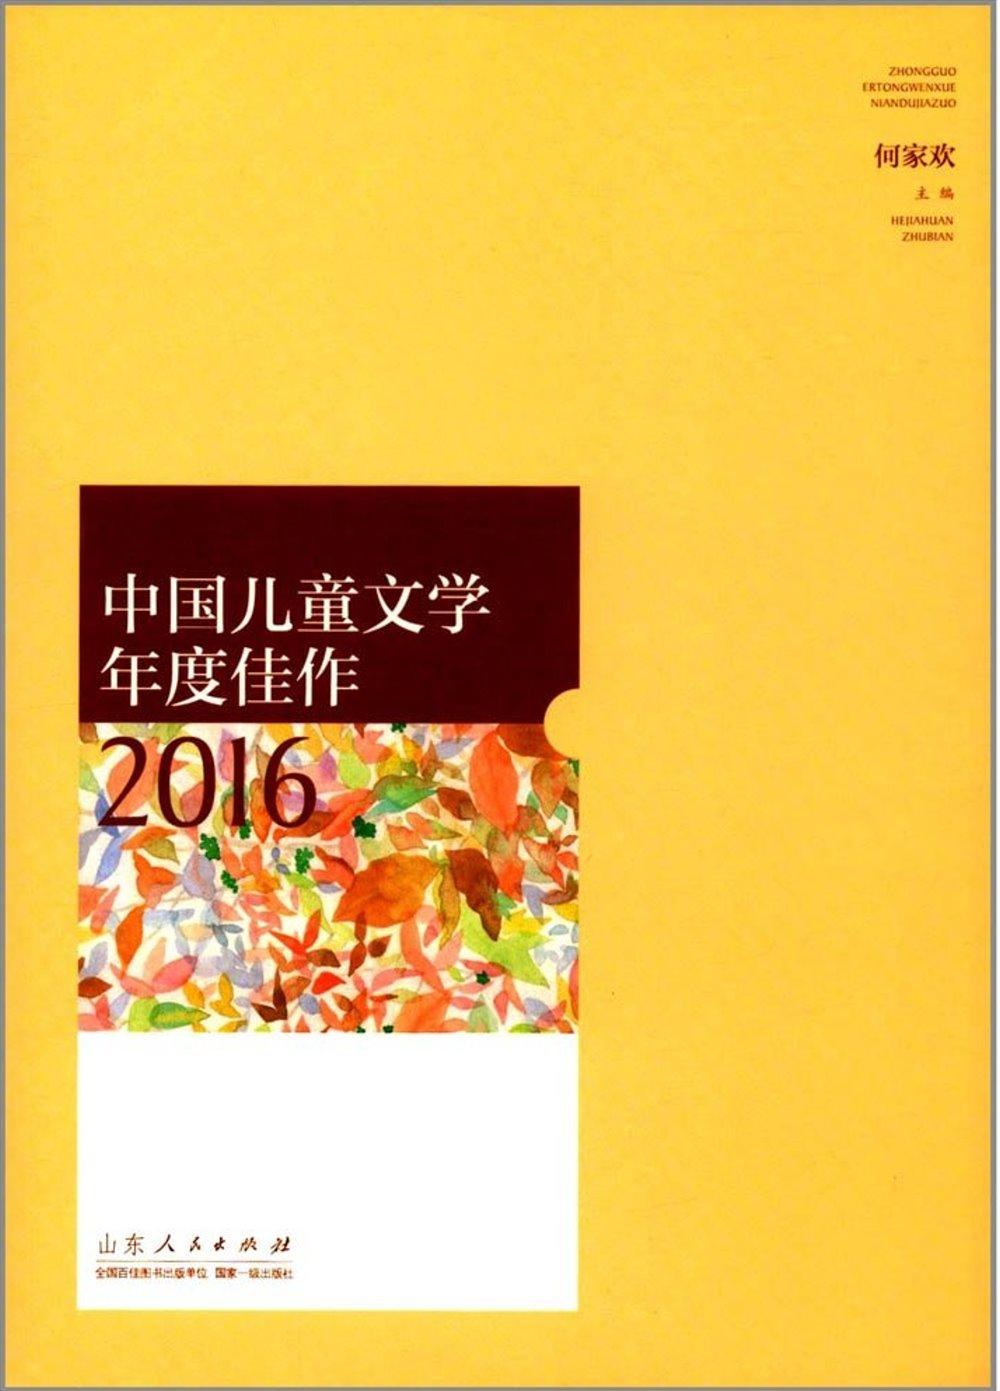 中國兒童文學年度佳作2016